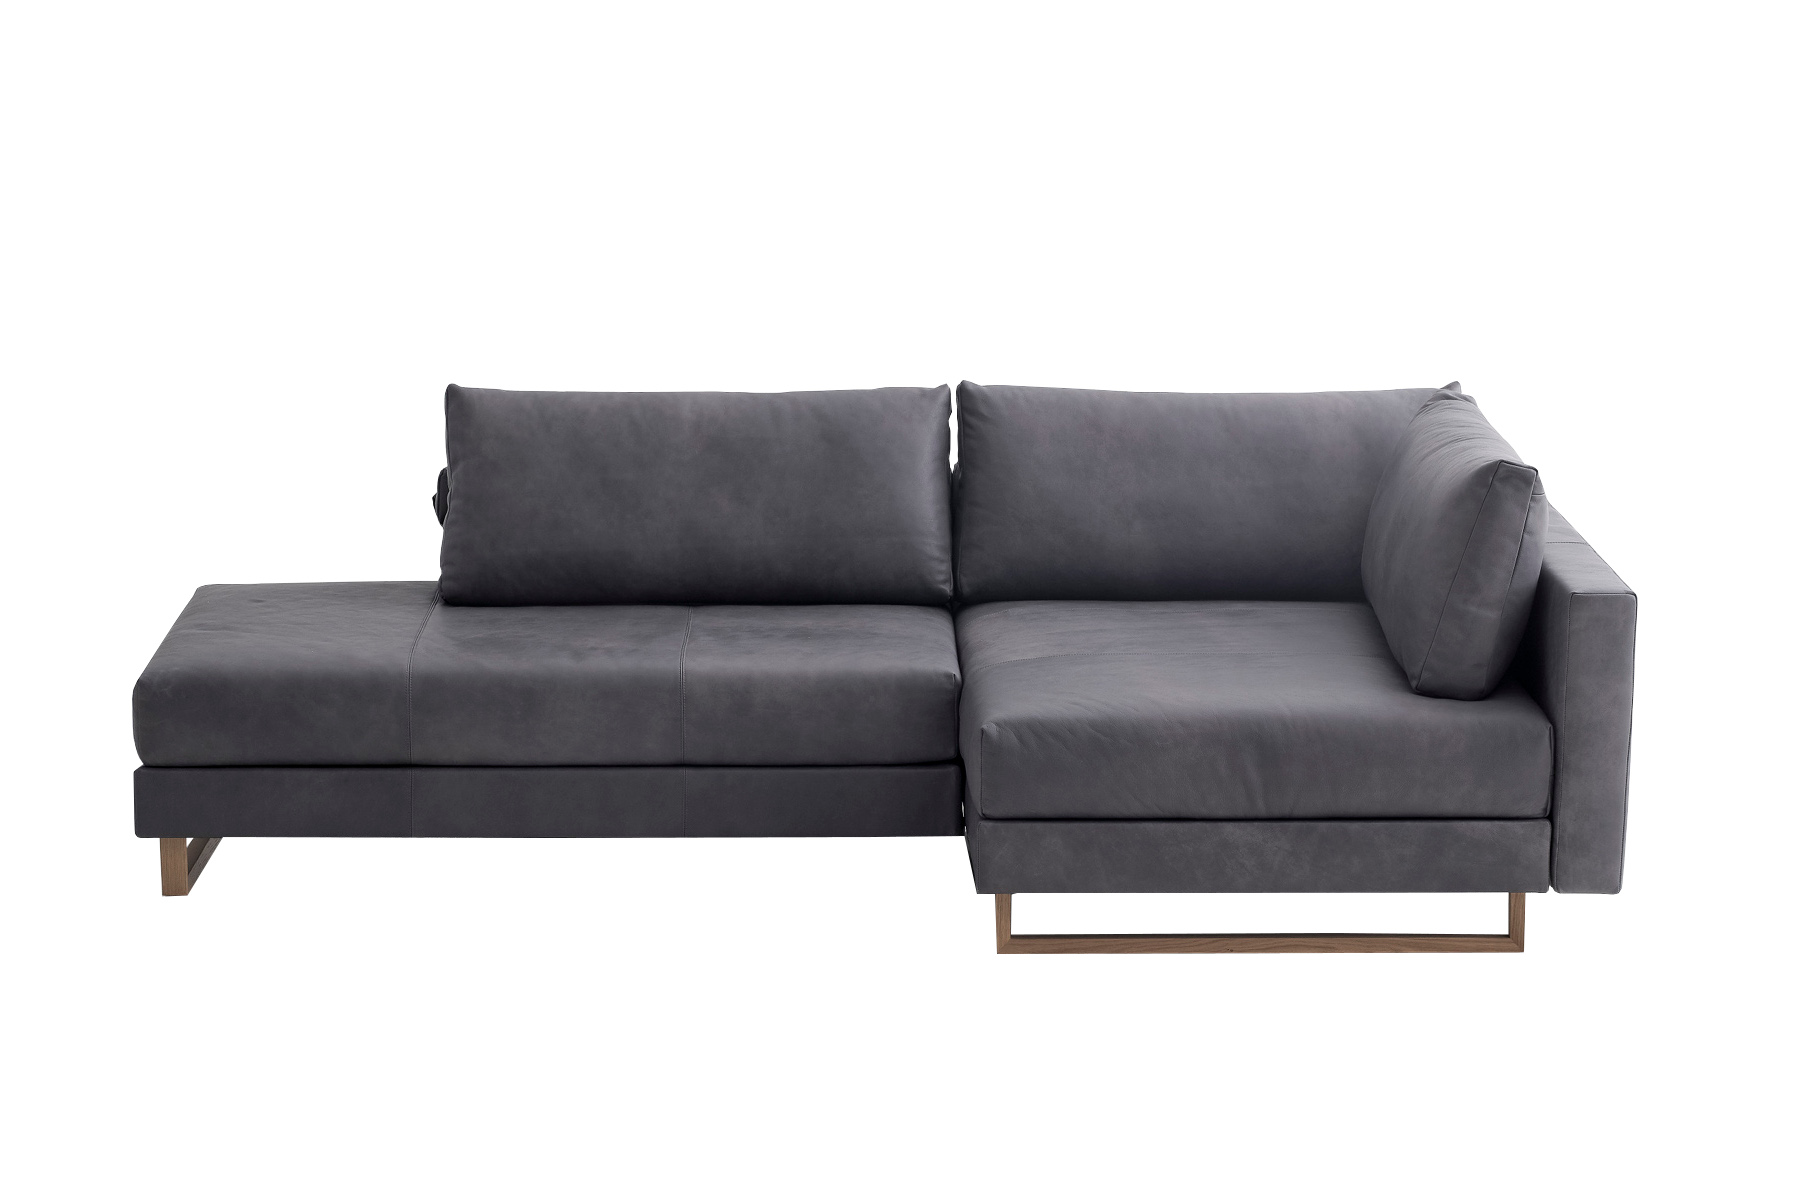 traumsofa schlafsofa beautiful gern helfen wir ihnen bei fragen telefon with traumsofa. Black Bedroom Furniture Sets. Home Design Ideas